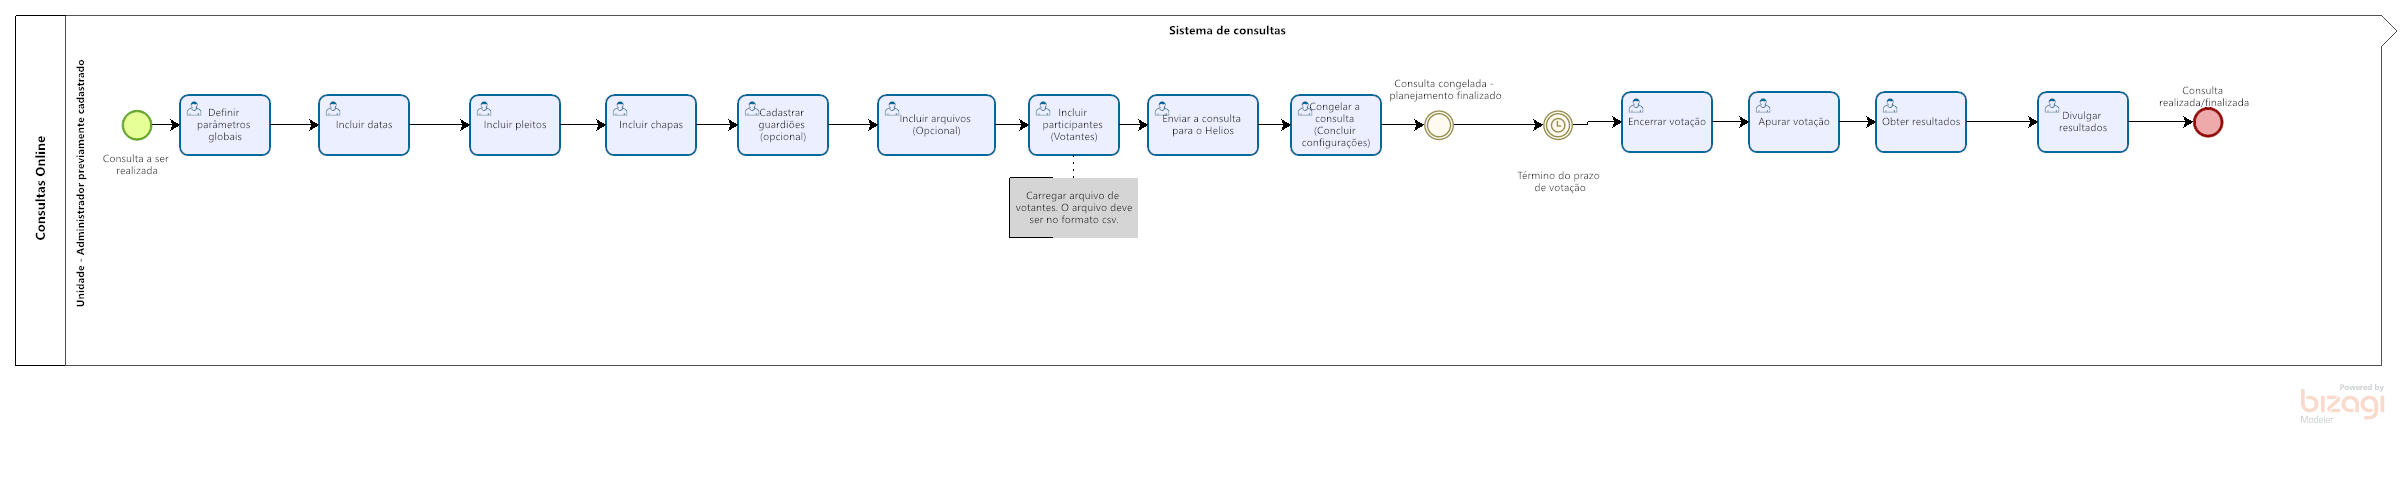 Diagrama do fluxo de consultas descentralizadas.